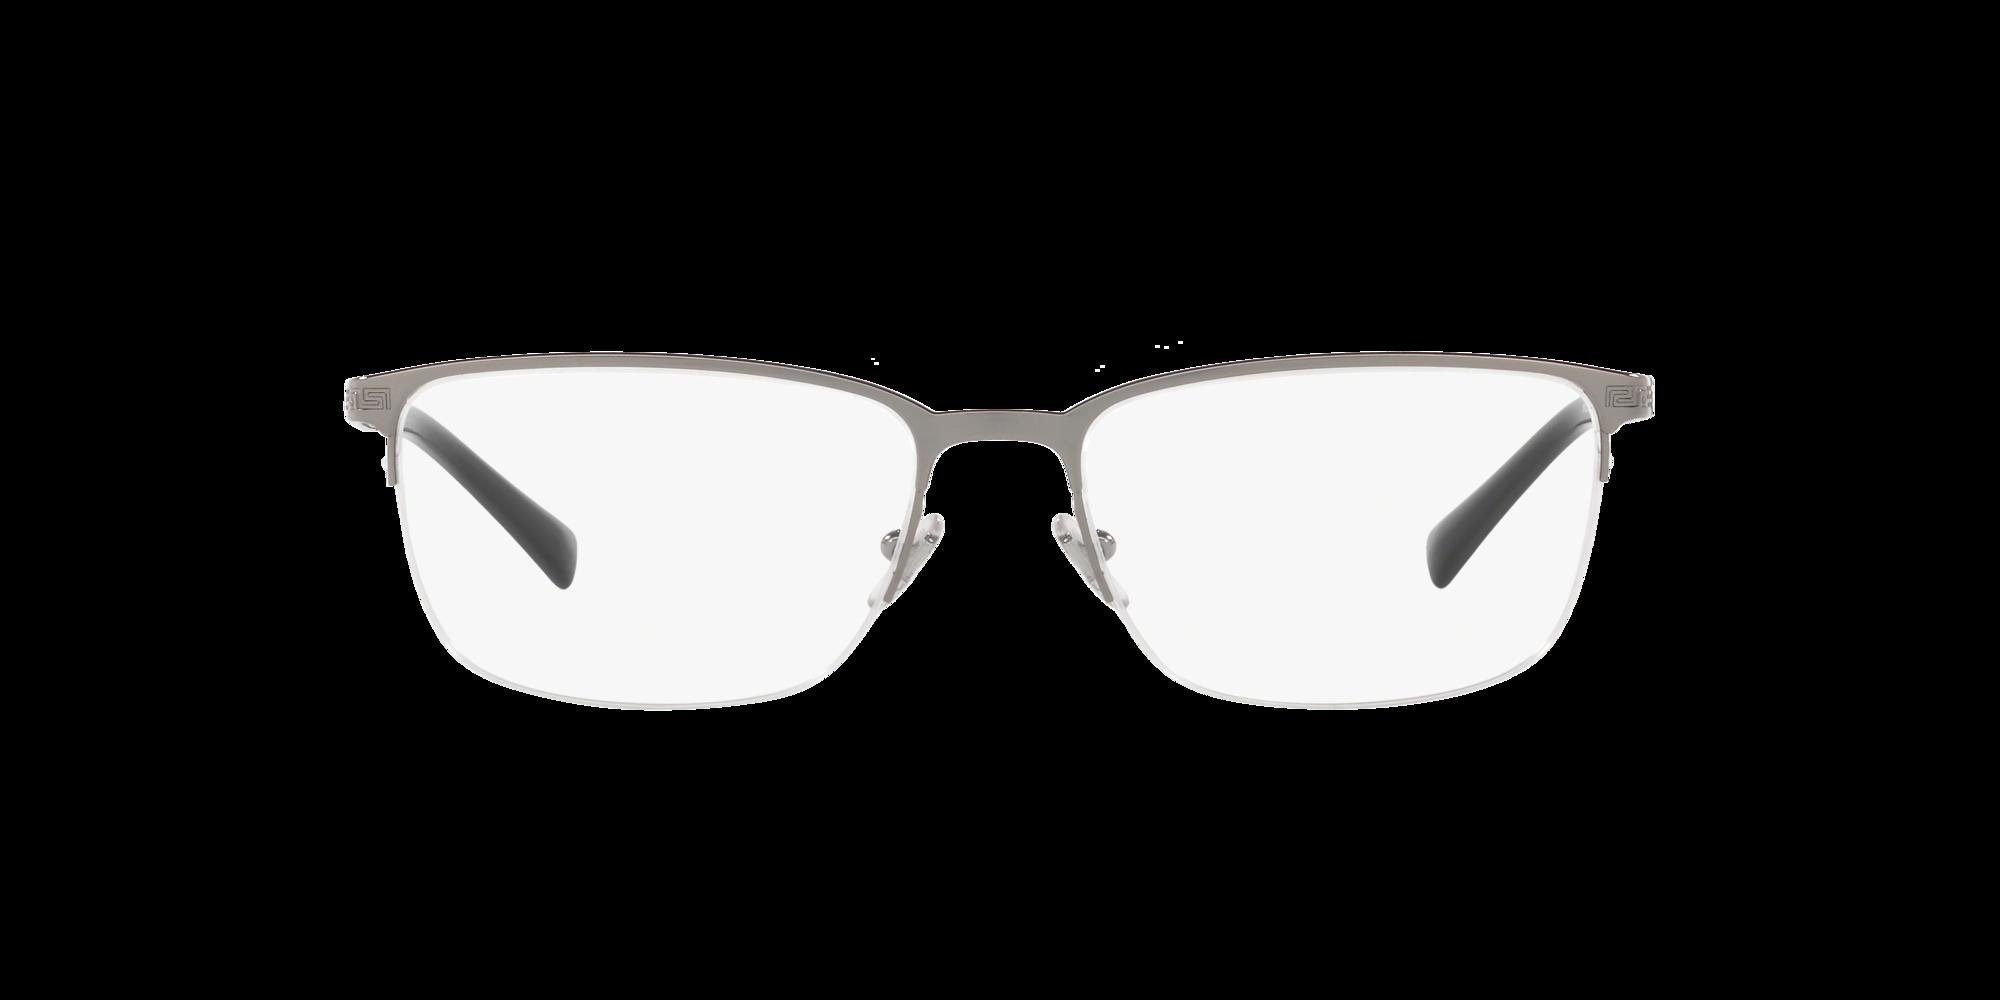 Imagen para VE1263 de LensCrafters |  Espejuelos, espejuelos graduados en línea, gafas